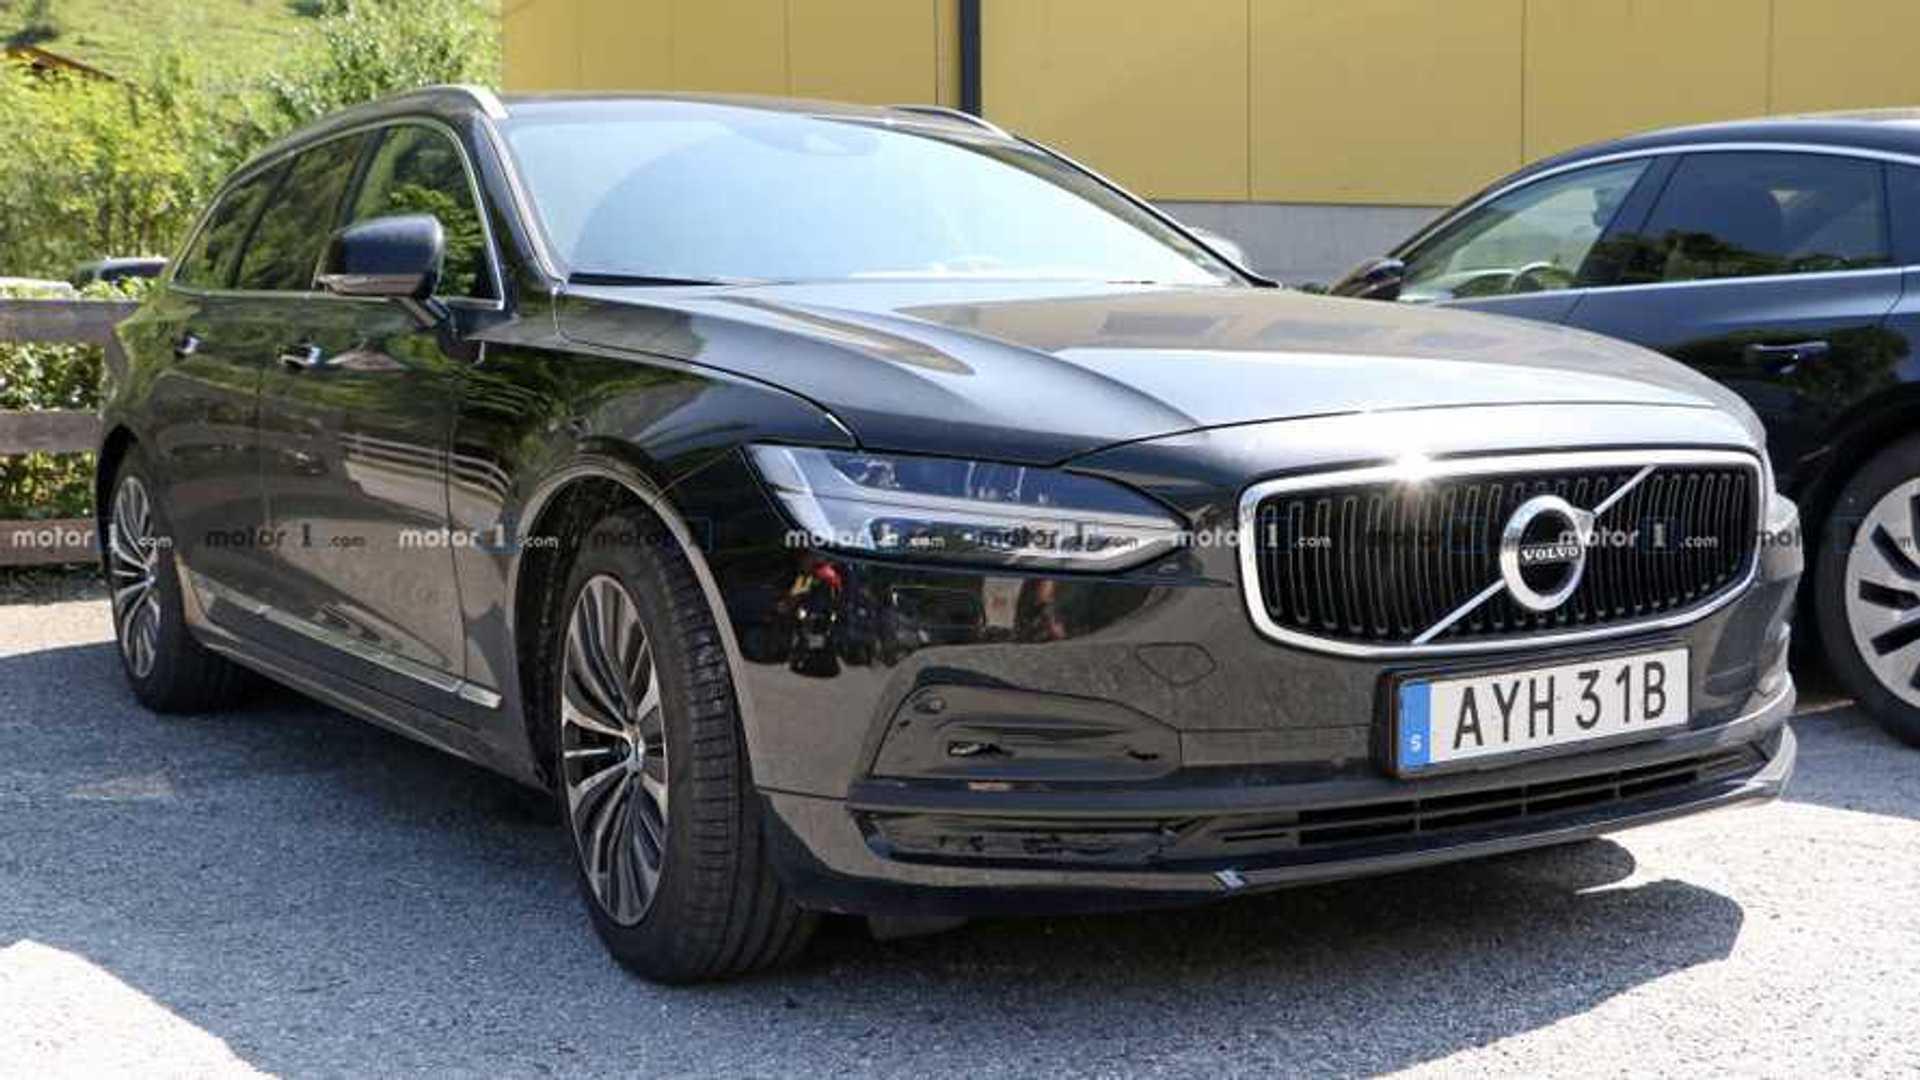 Volvo V4 Facelift Makes Surprising Spy Photo Debut